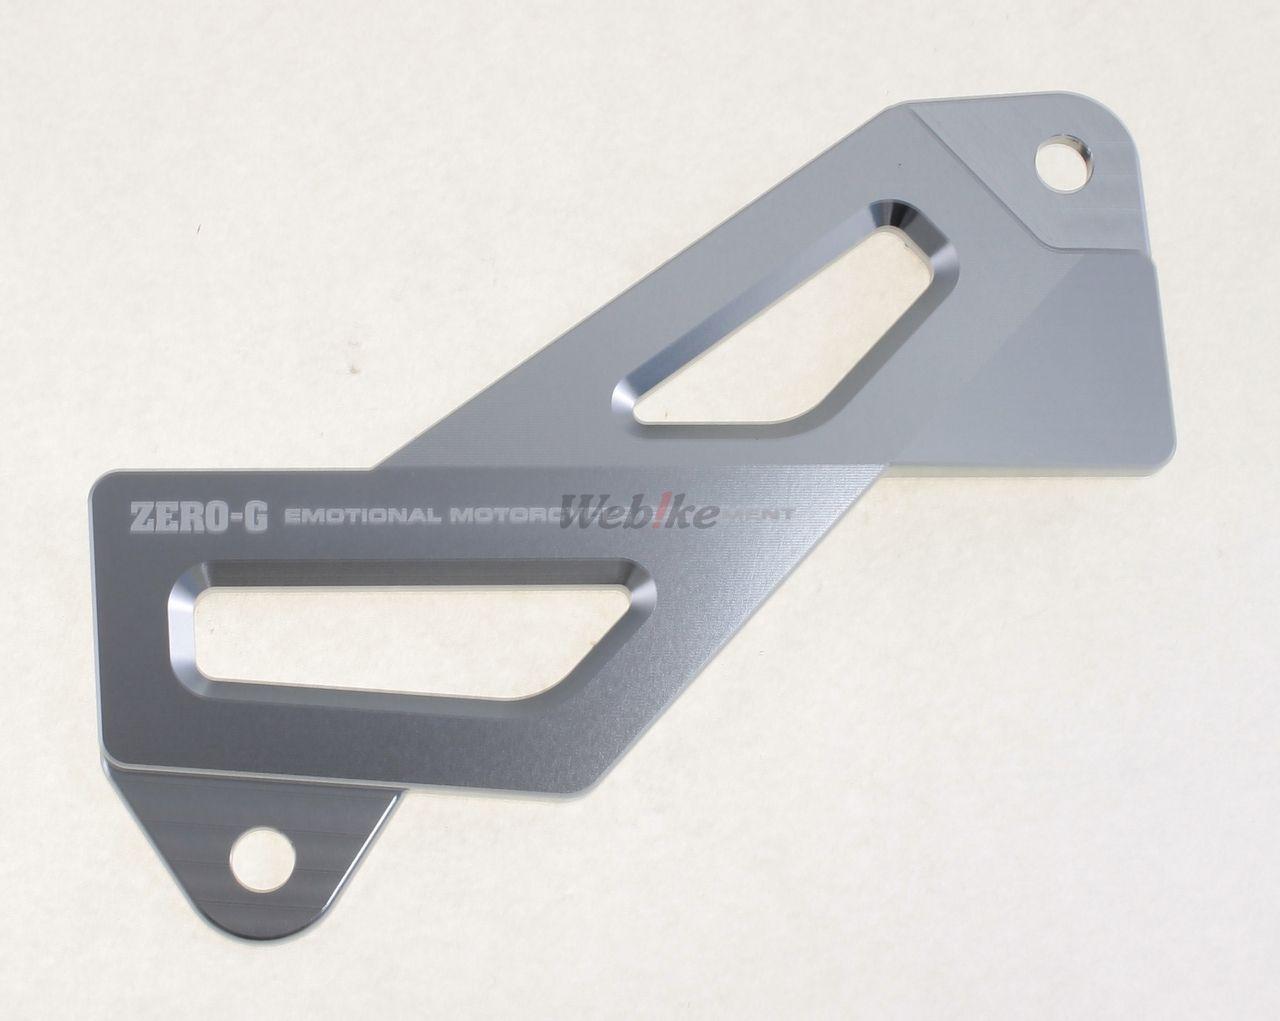 【ZERO-G】後煞車卡鉗護蓋 - 「Webike-摩托百貨」